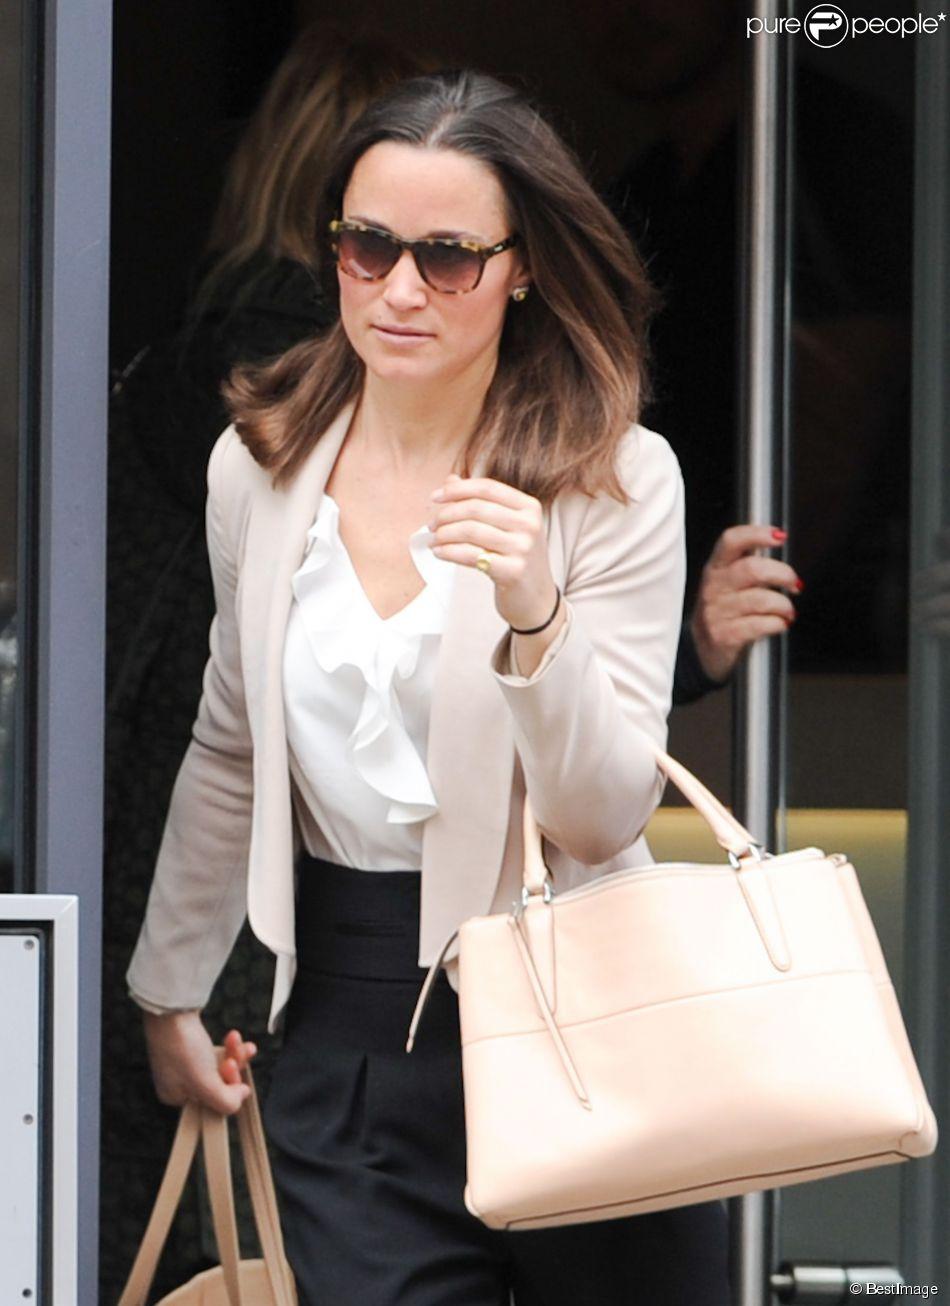 Exclusif - Pippa Middleton est allée faire deux heures de sport dans sa salle de gym avant de retourner à son travail, le 6 mai 2014, dans le quartier de Fulham, à Londres.